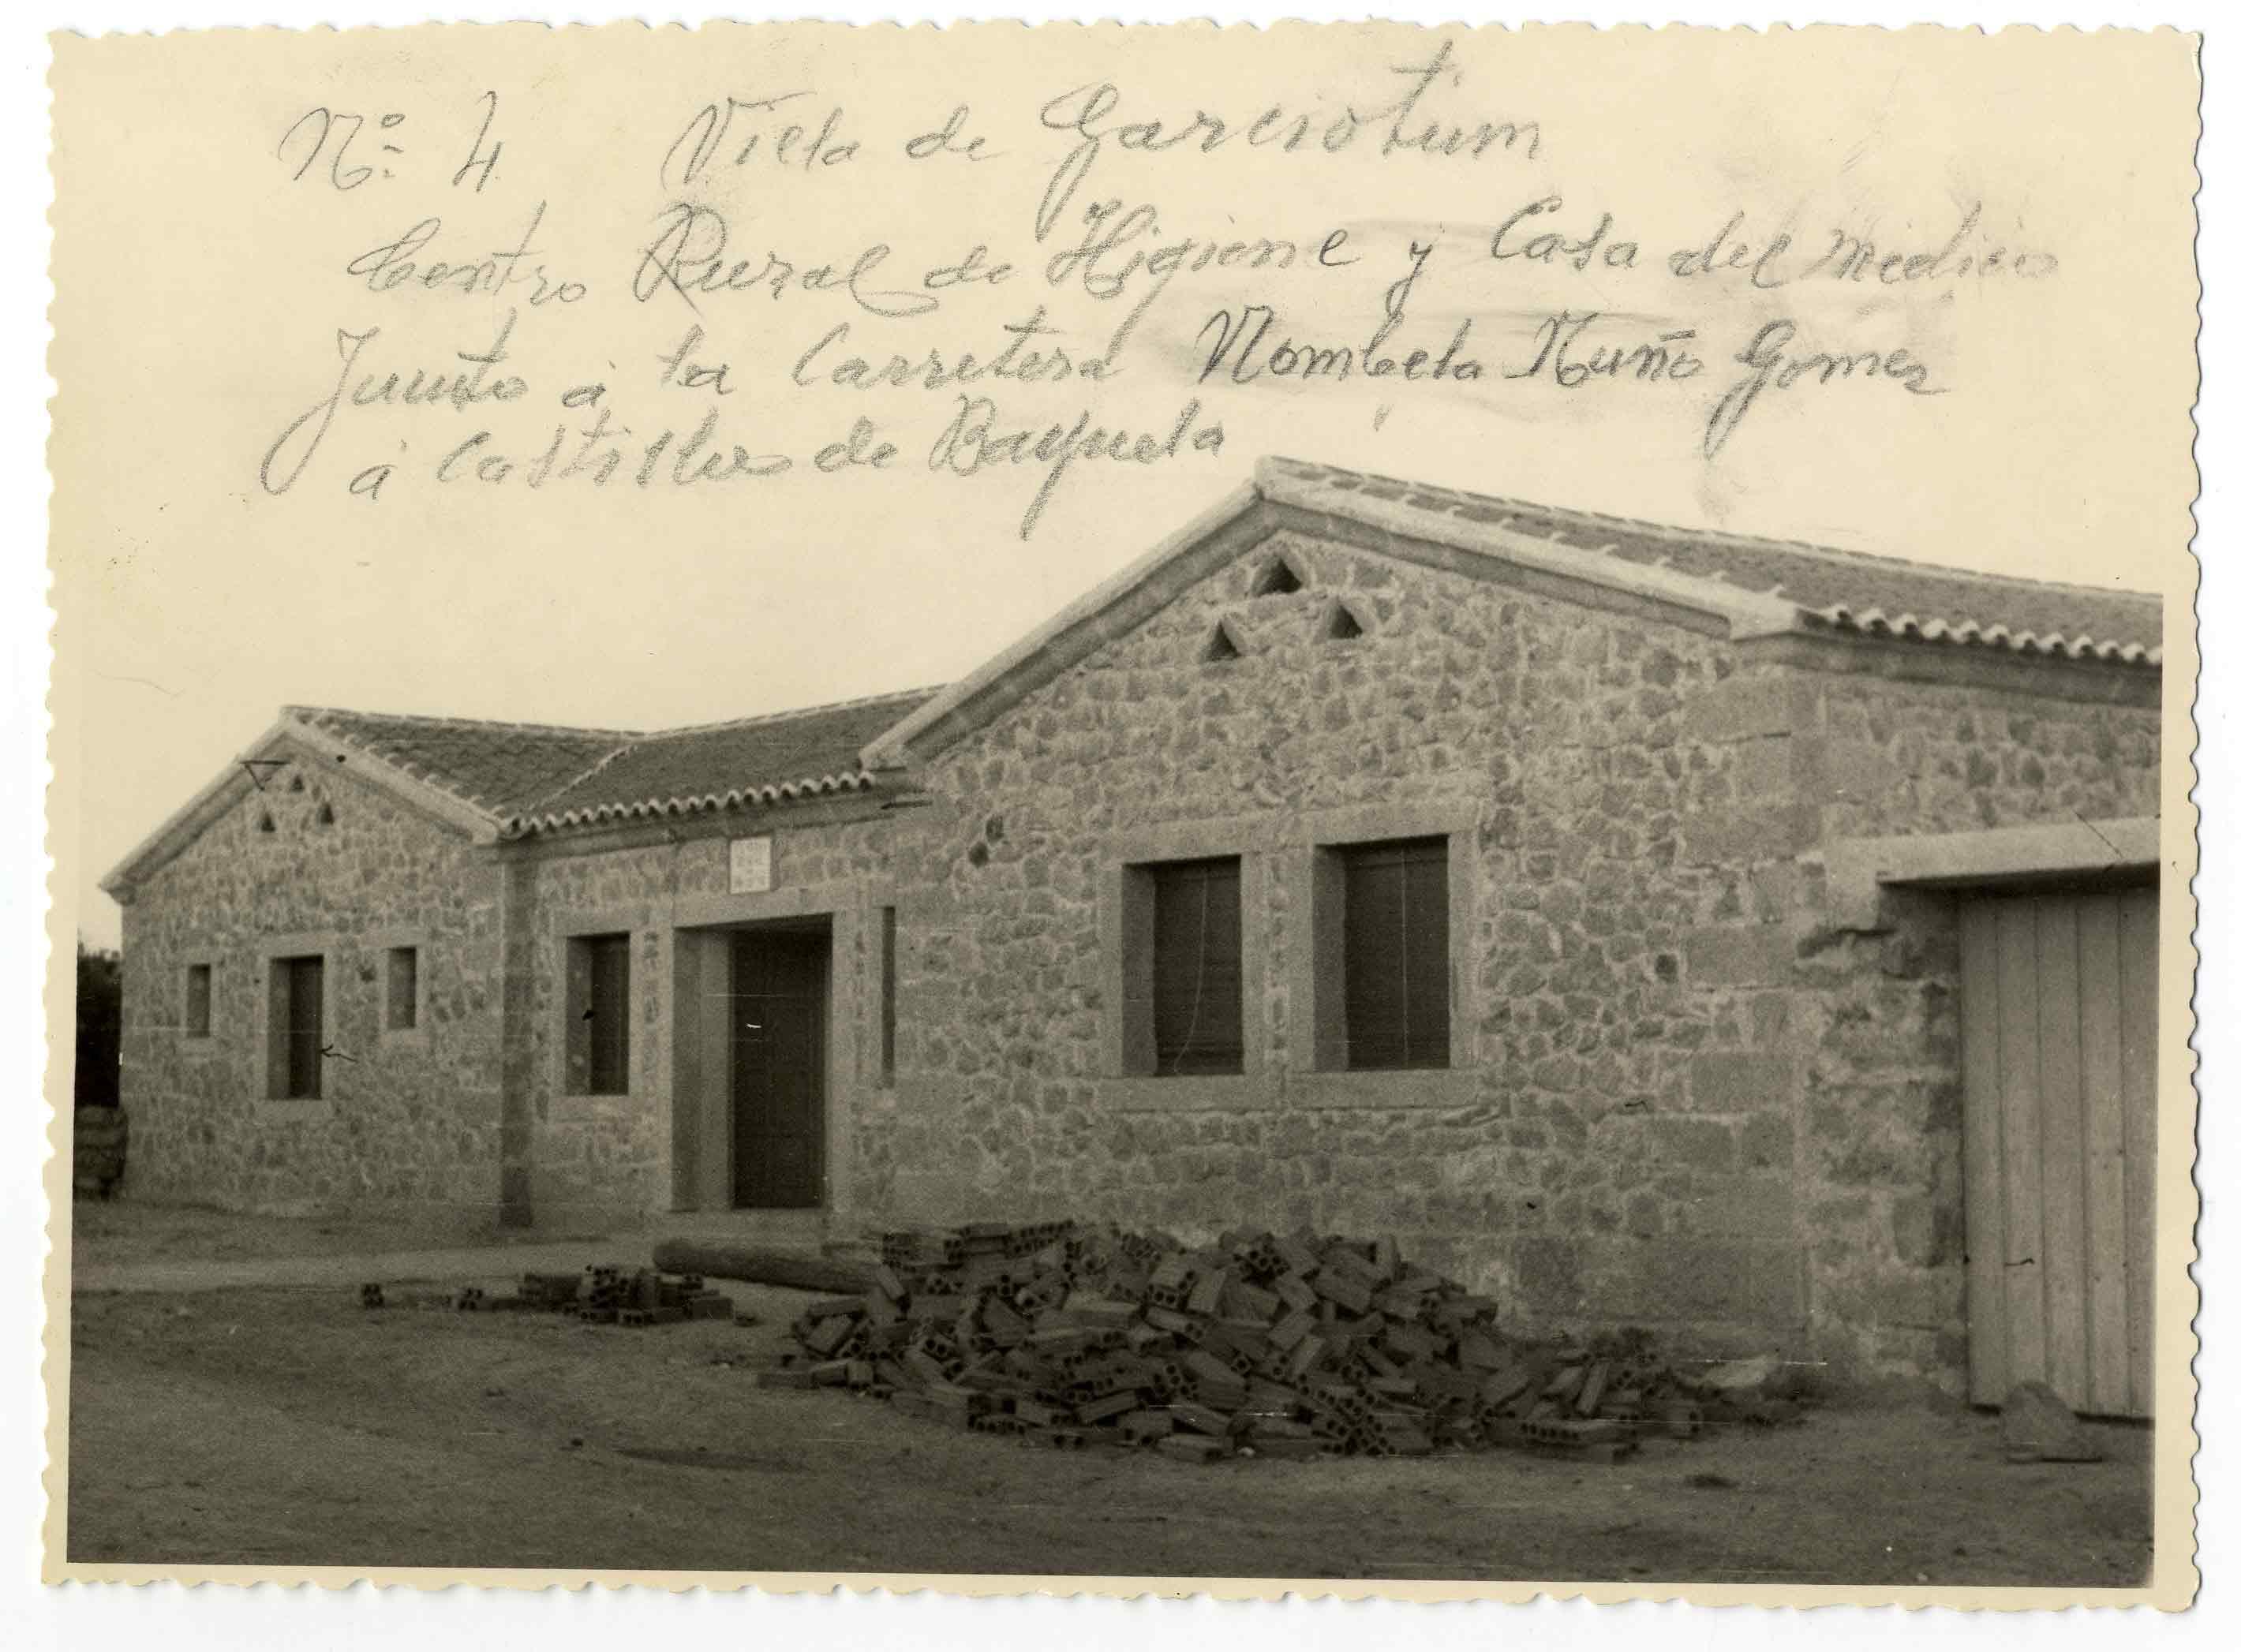 Garciotum. Centro Rural de Higiene. 1959 (P-308)